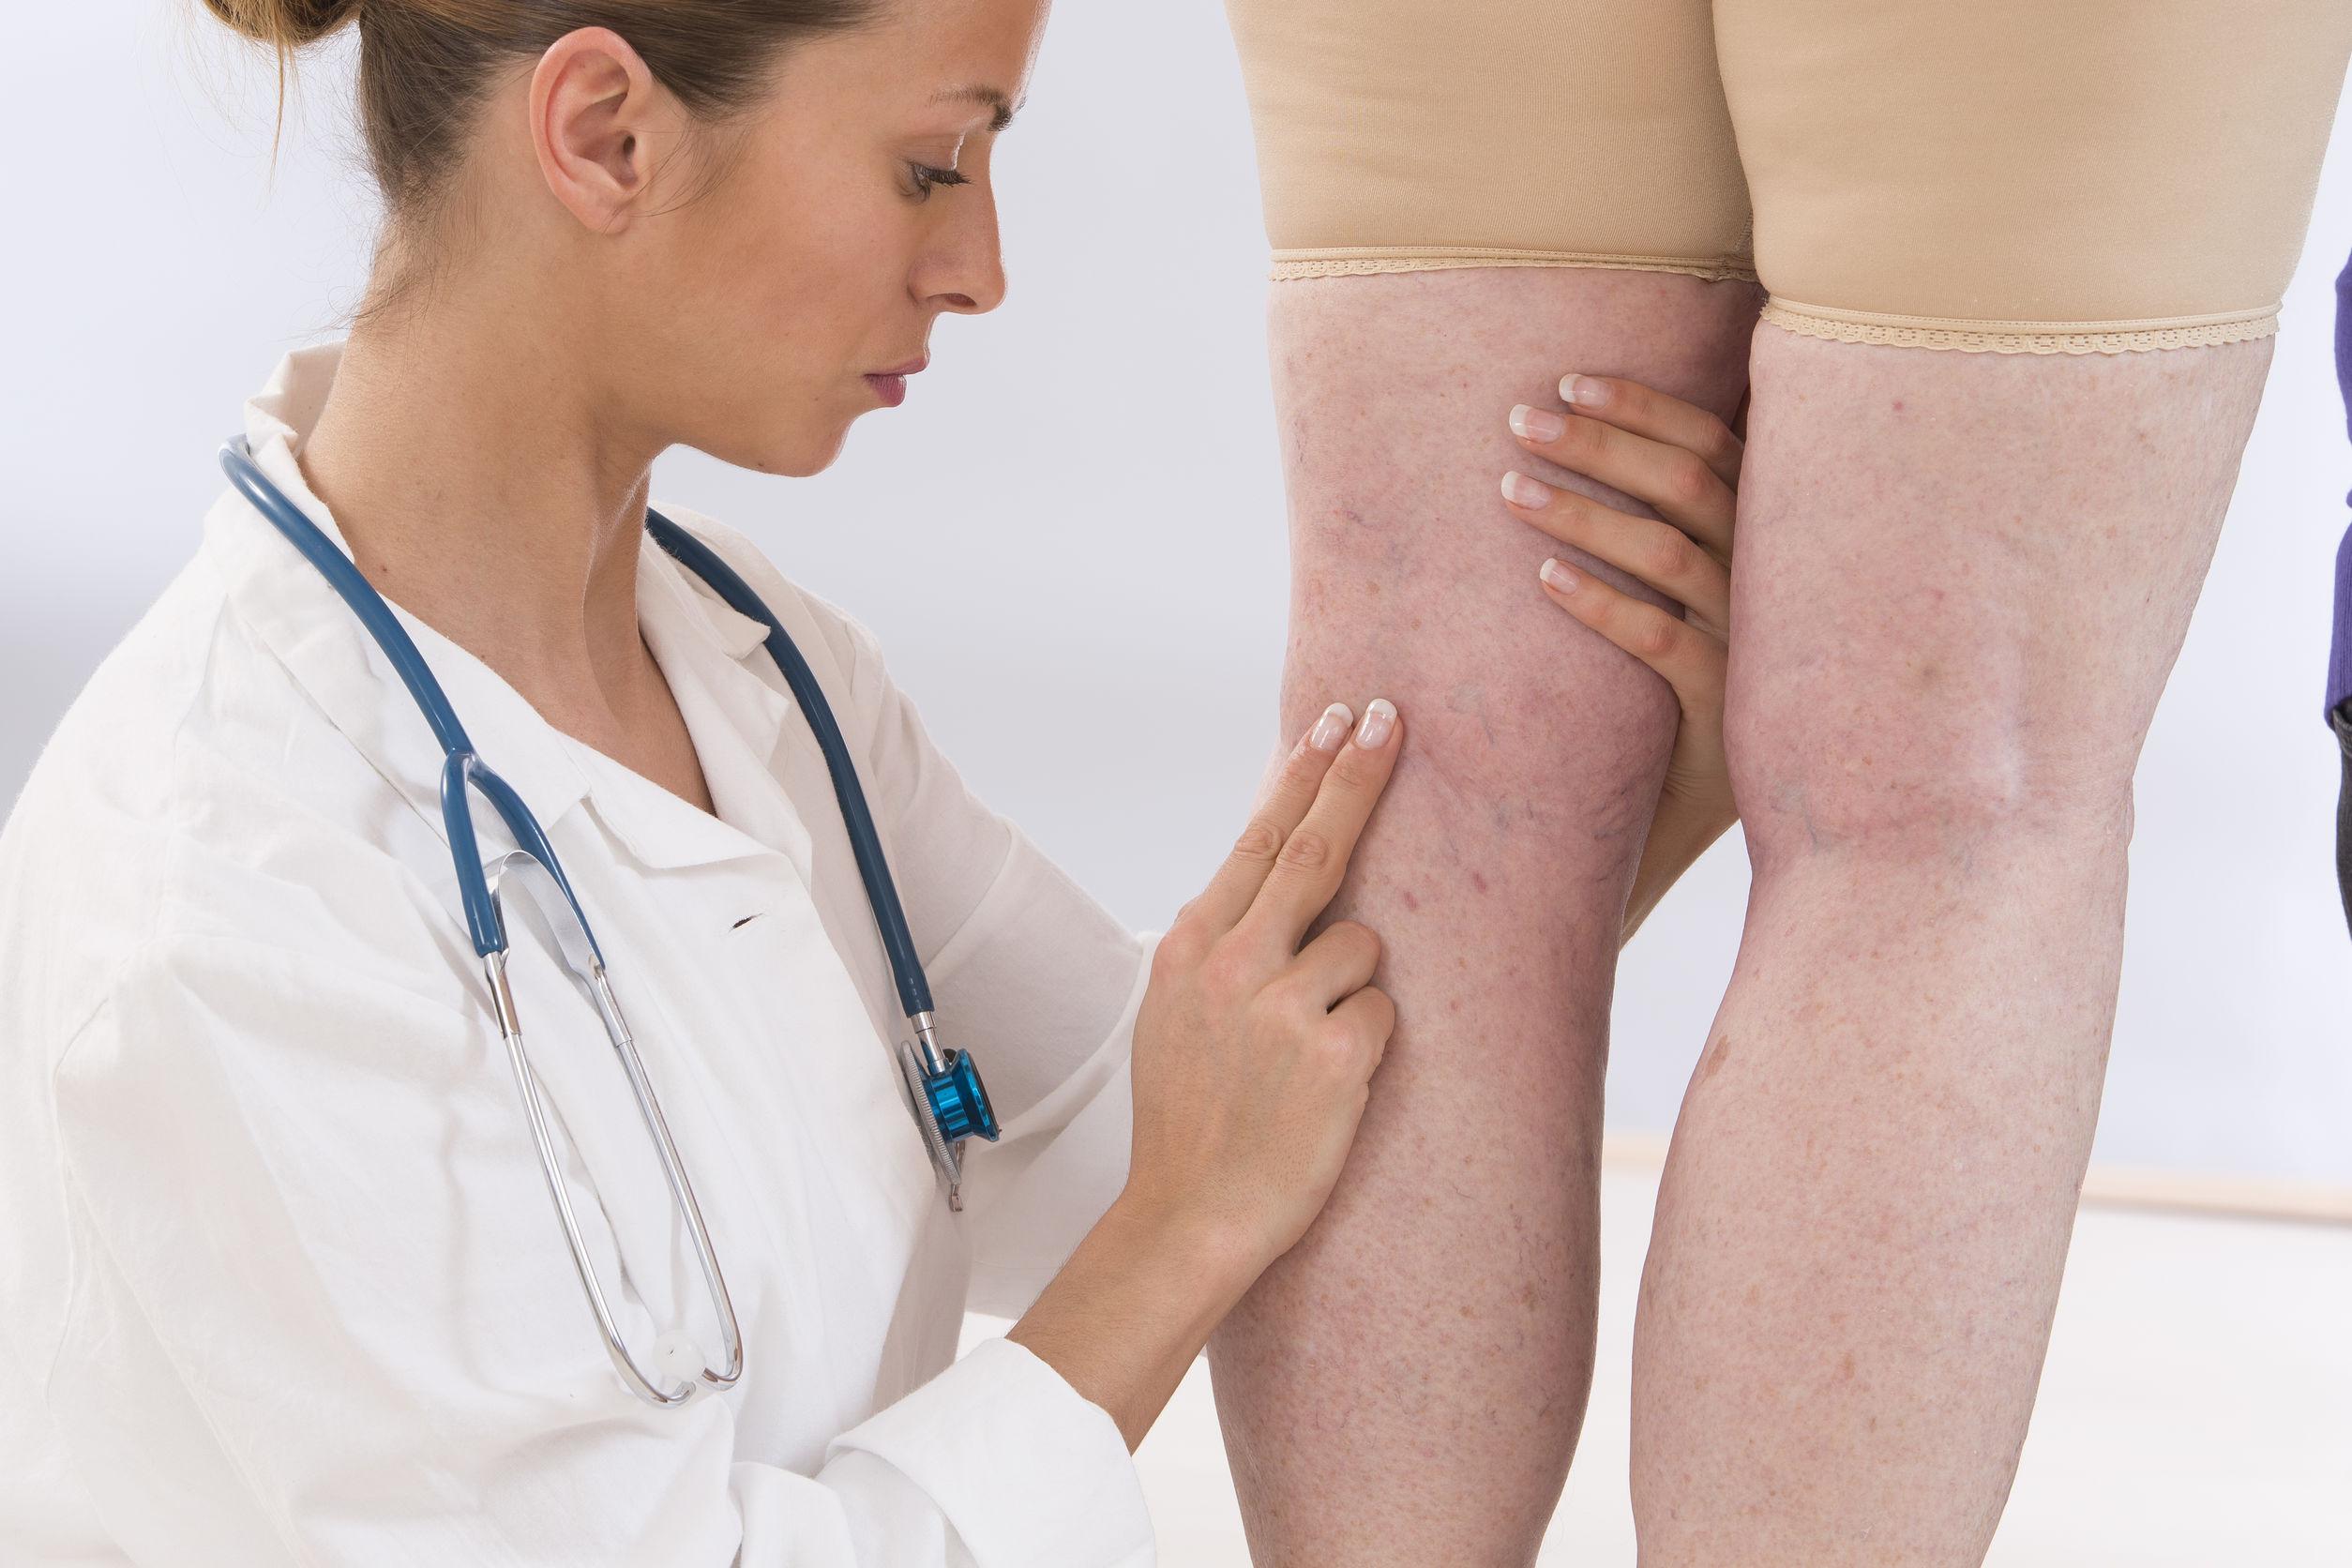 visszérgyulladás az alsó végtagok vénáinak tromboflebitisa visszér okoz és kezelés